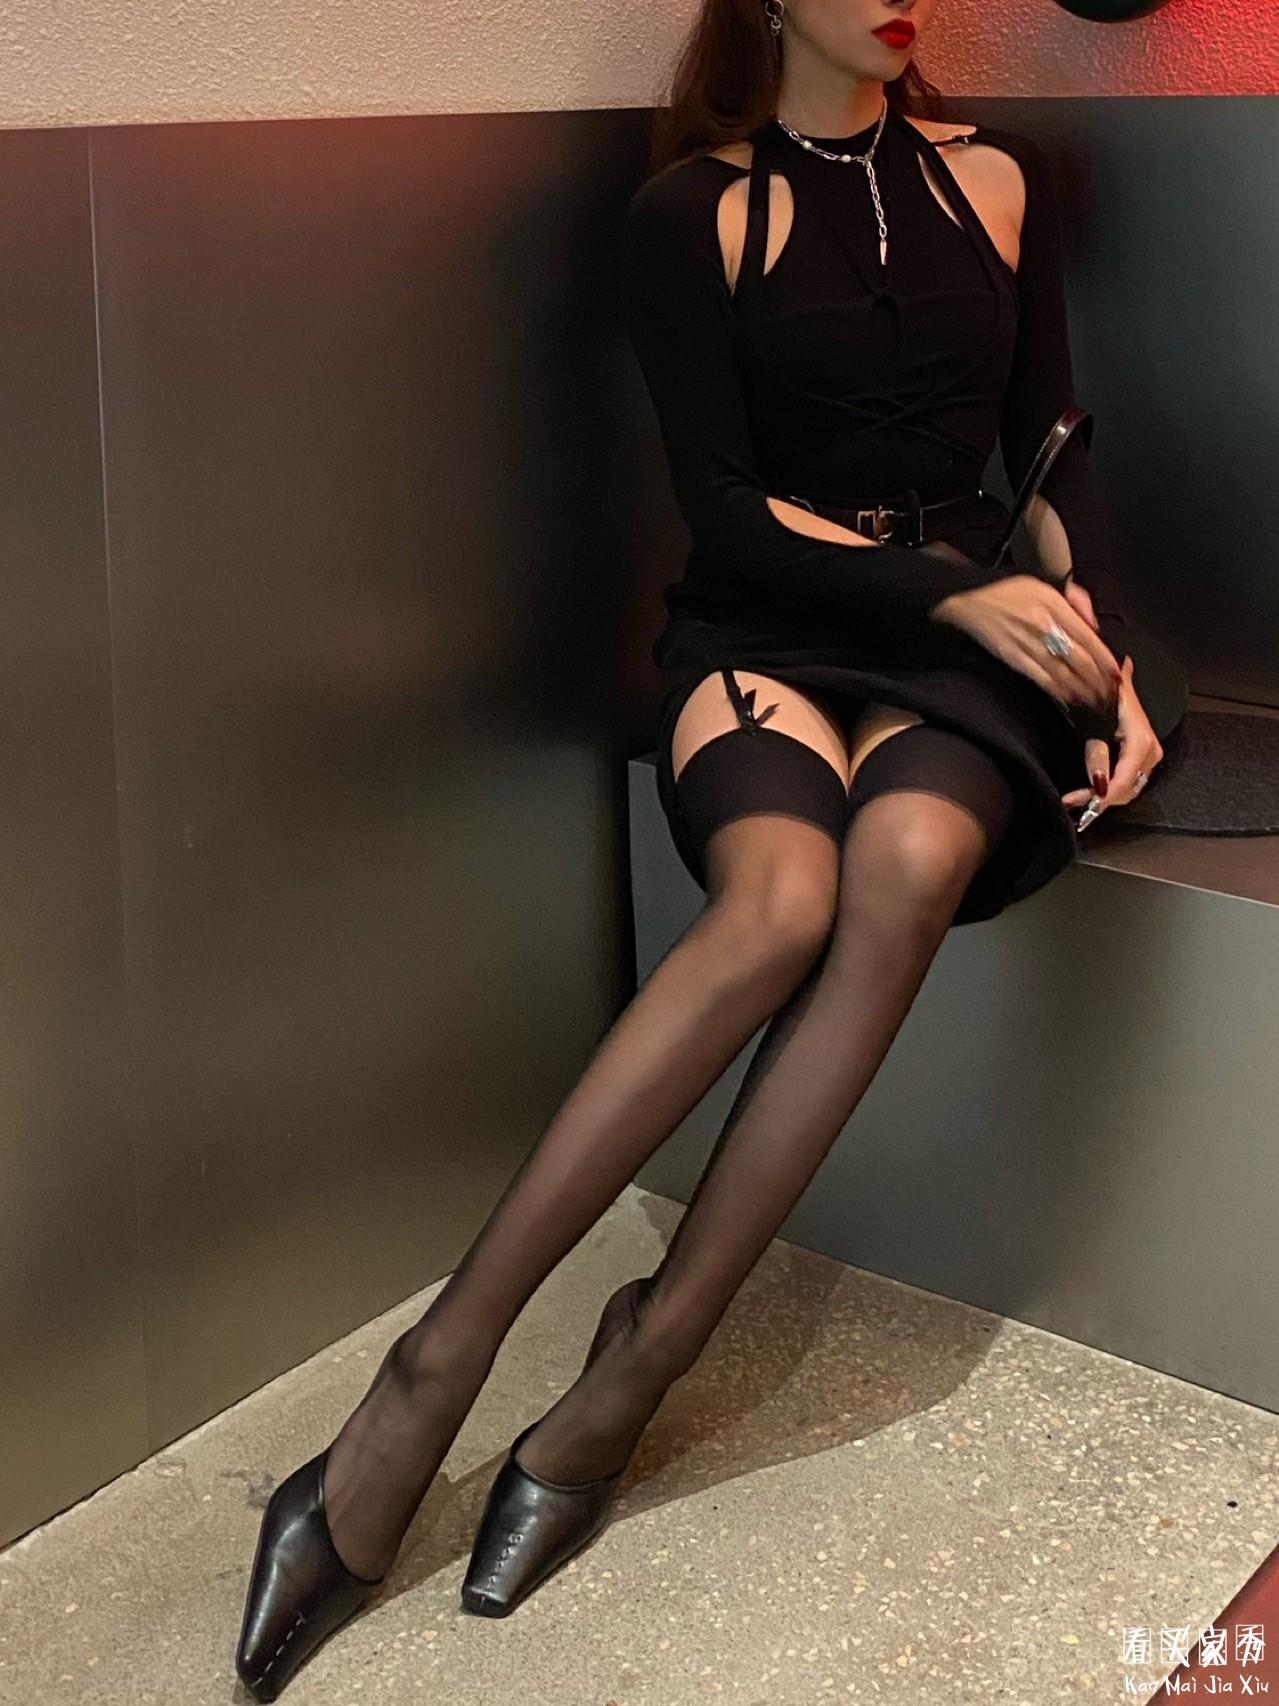 尼龙吊带丝袜买家秀,相当丝滑,摸起来很舒服